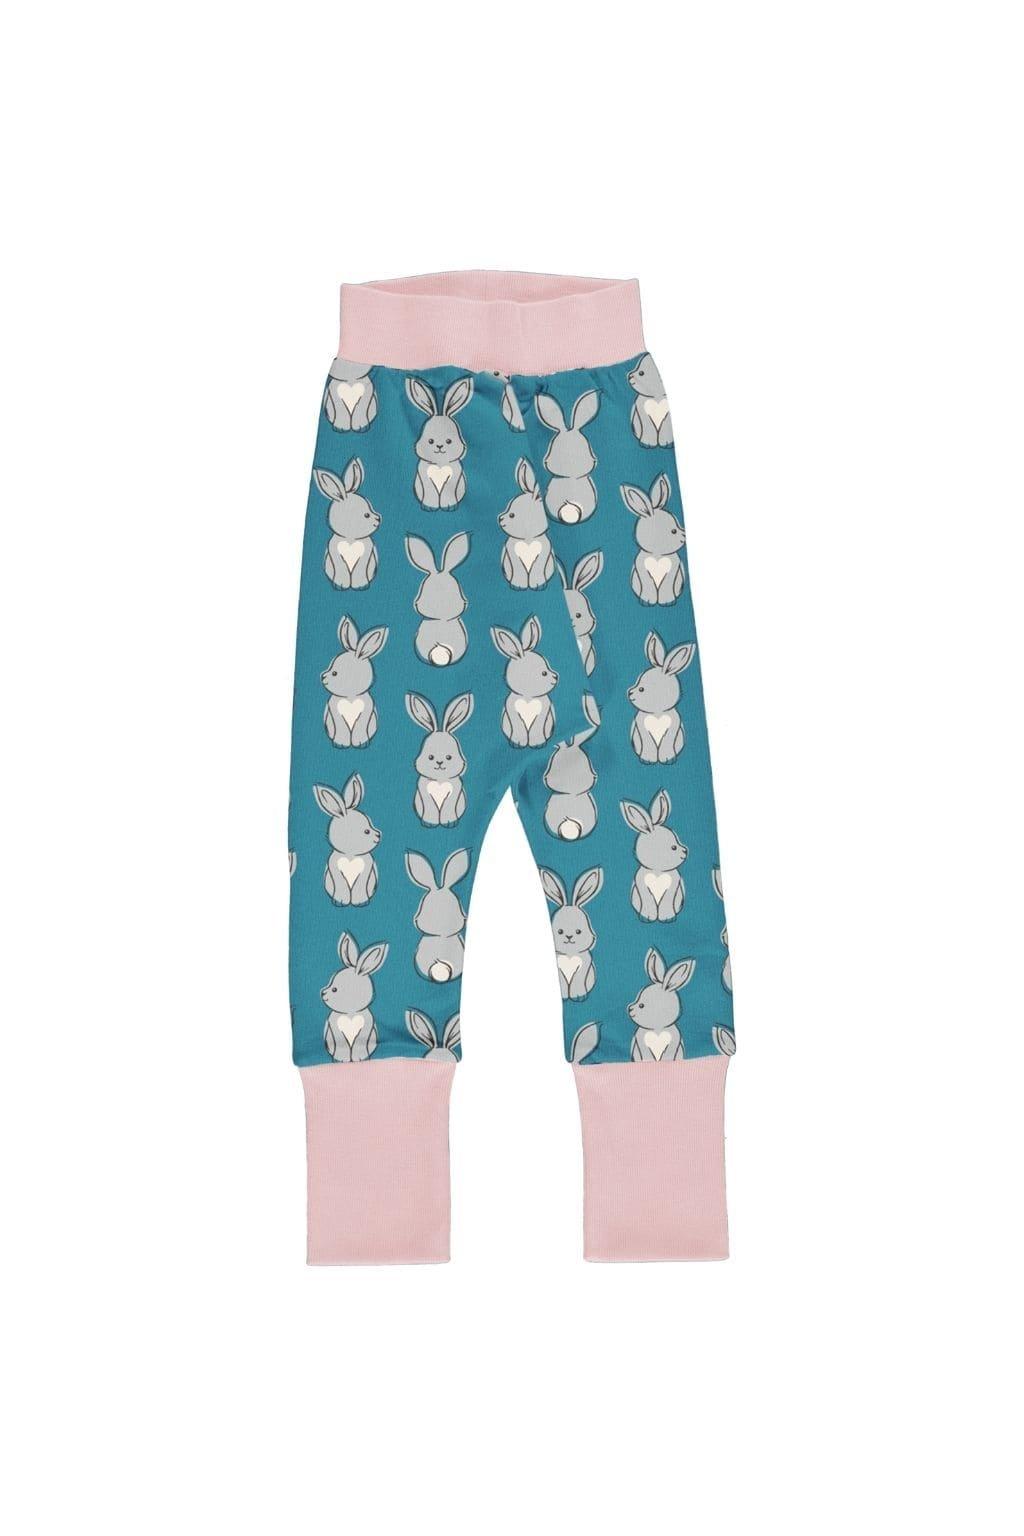 kojenecké kalhoty s manžetou rabbit (1)